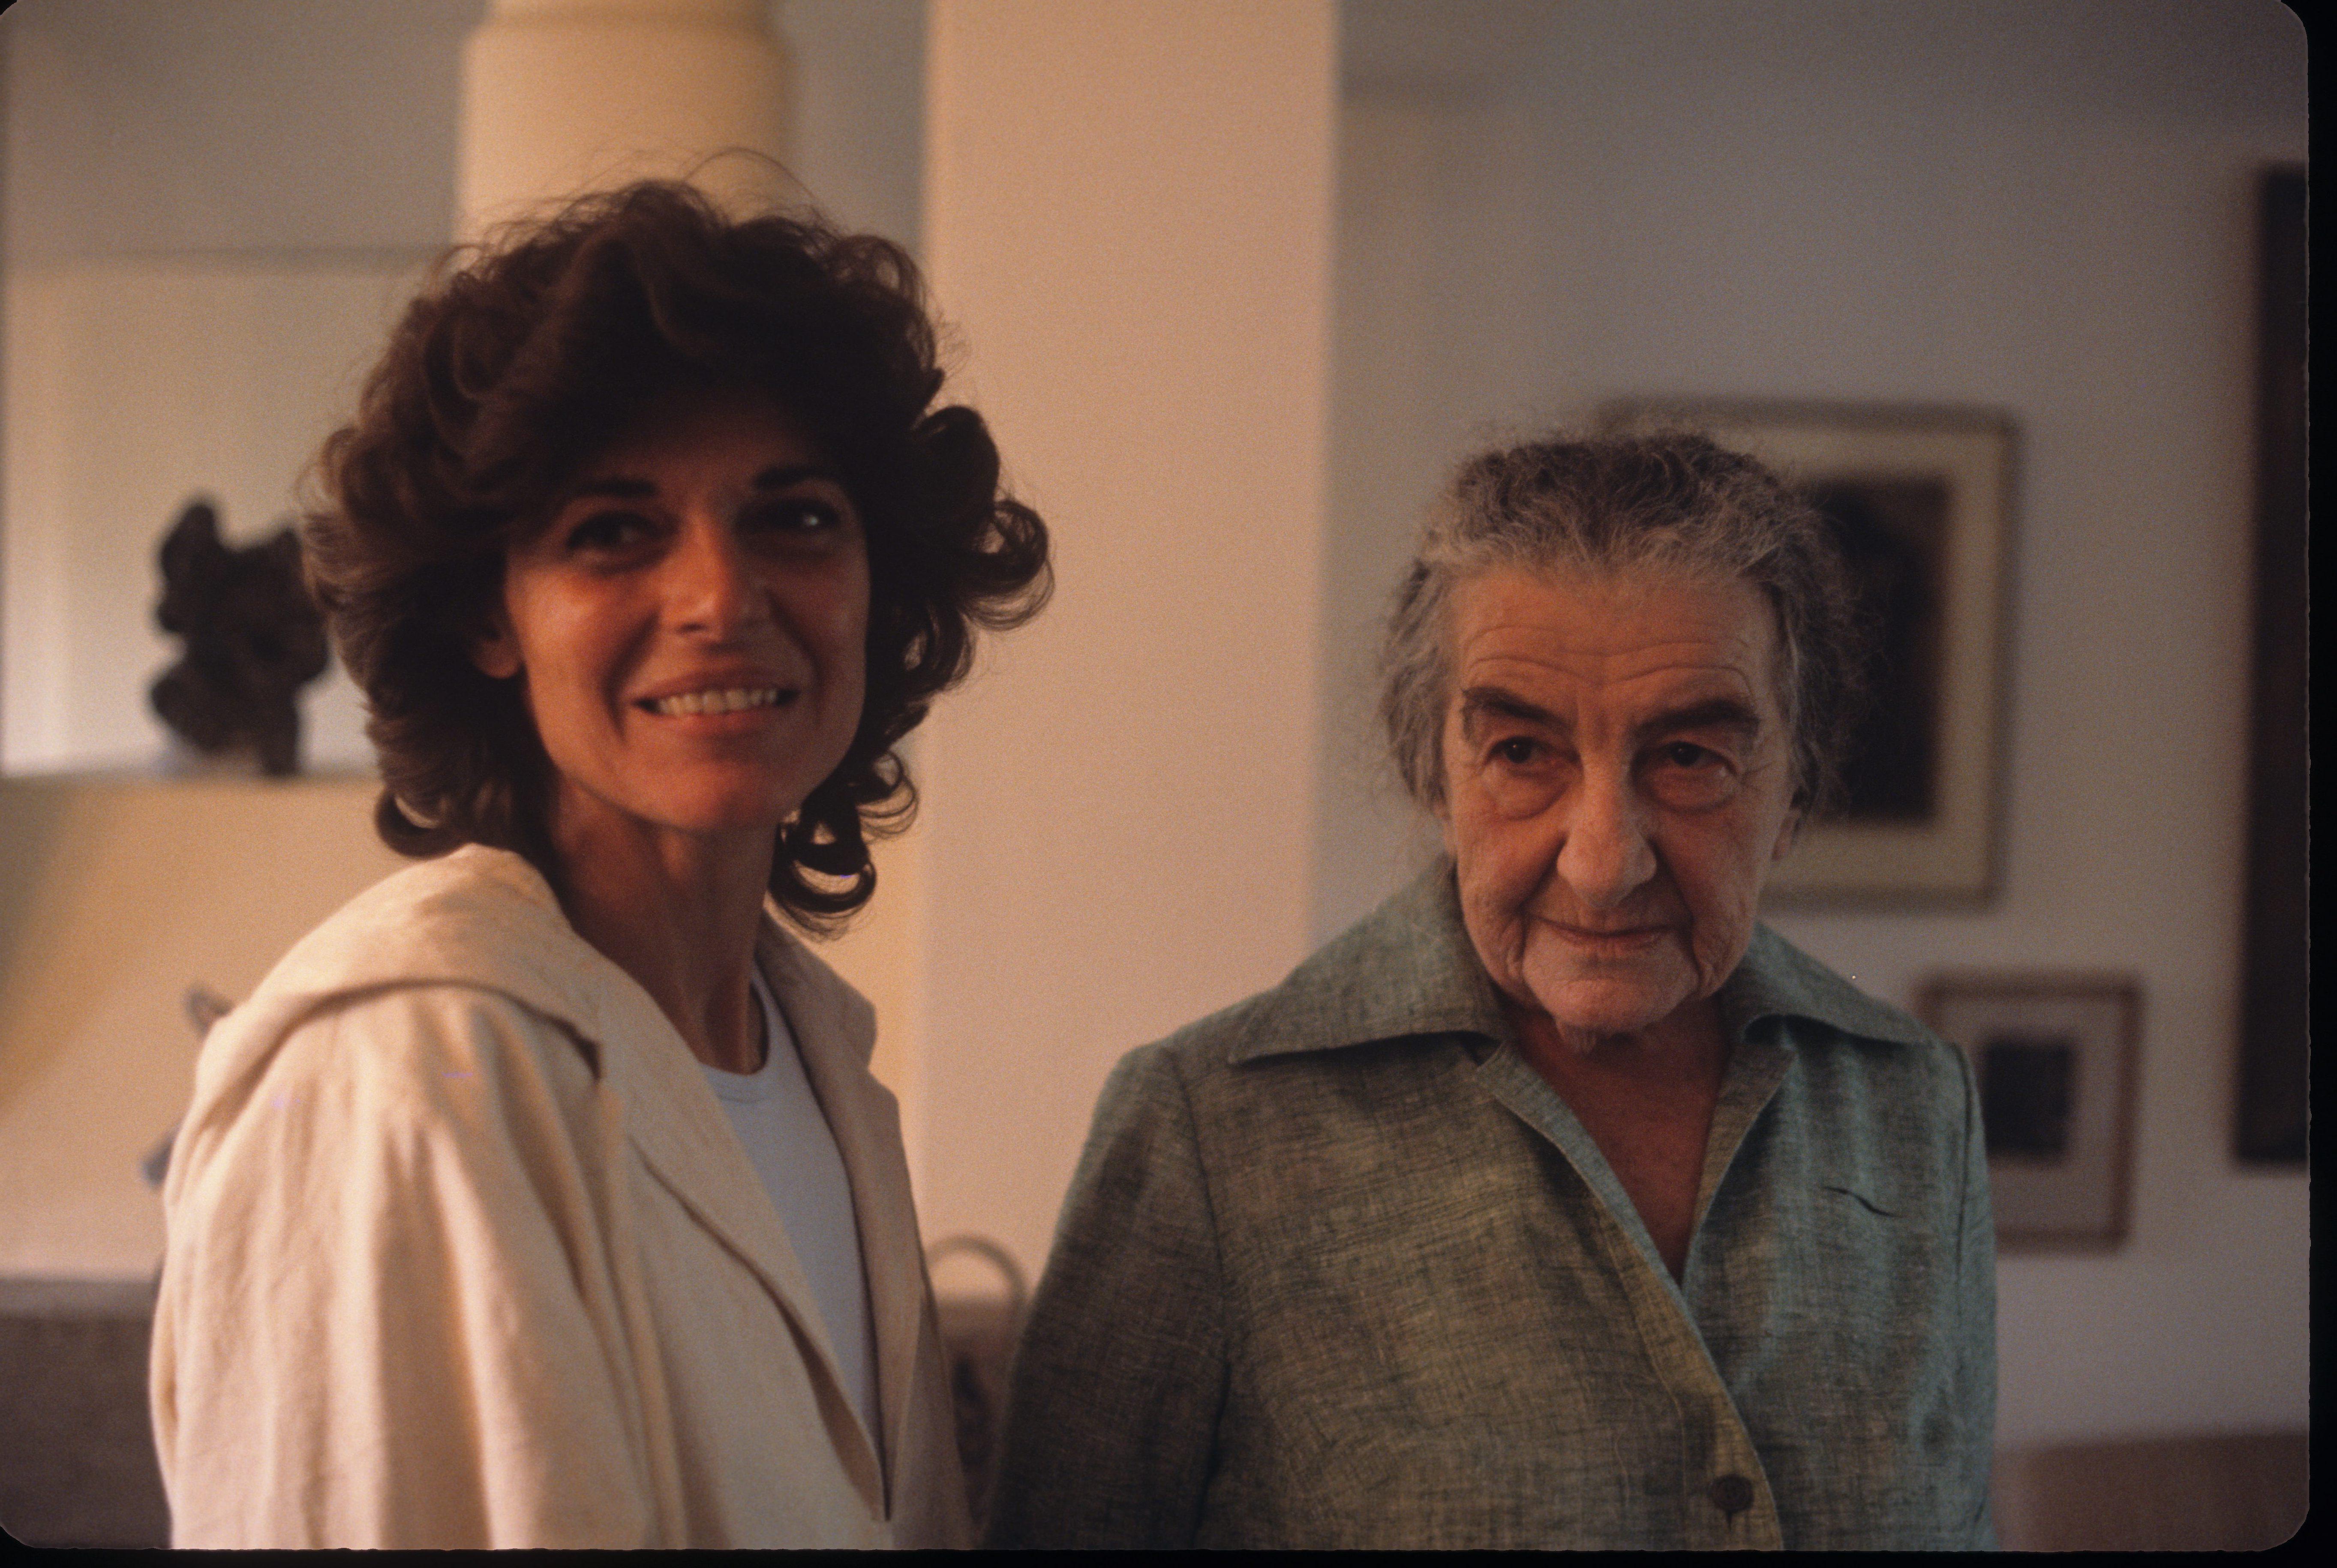 """Голда в последние годы жизни с американской актрисой, лауреатом """"Оскара"""" Энн Бэнкрофт. Фото 1977 года"""